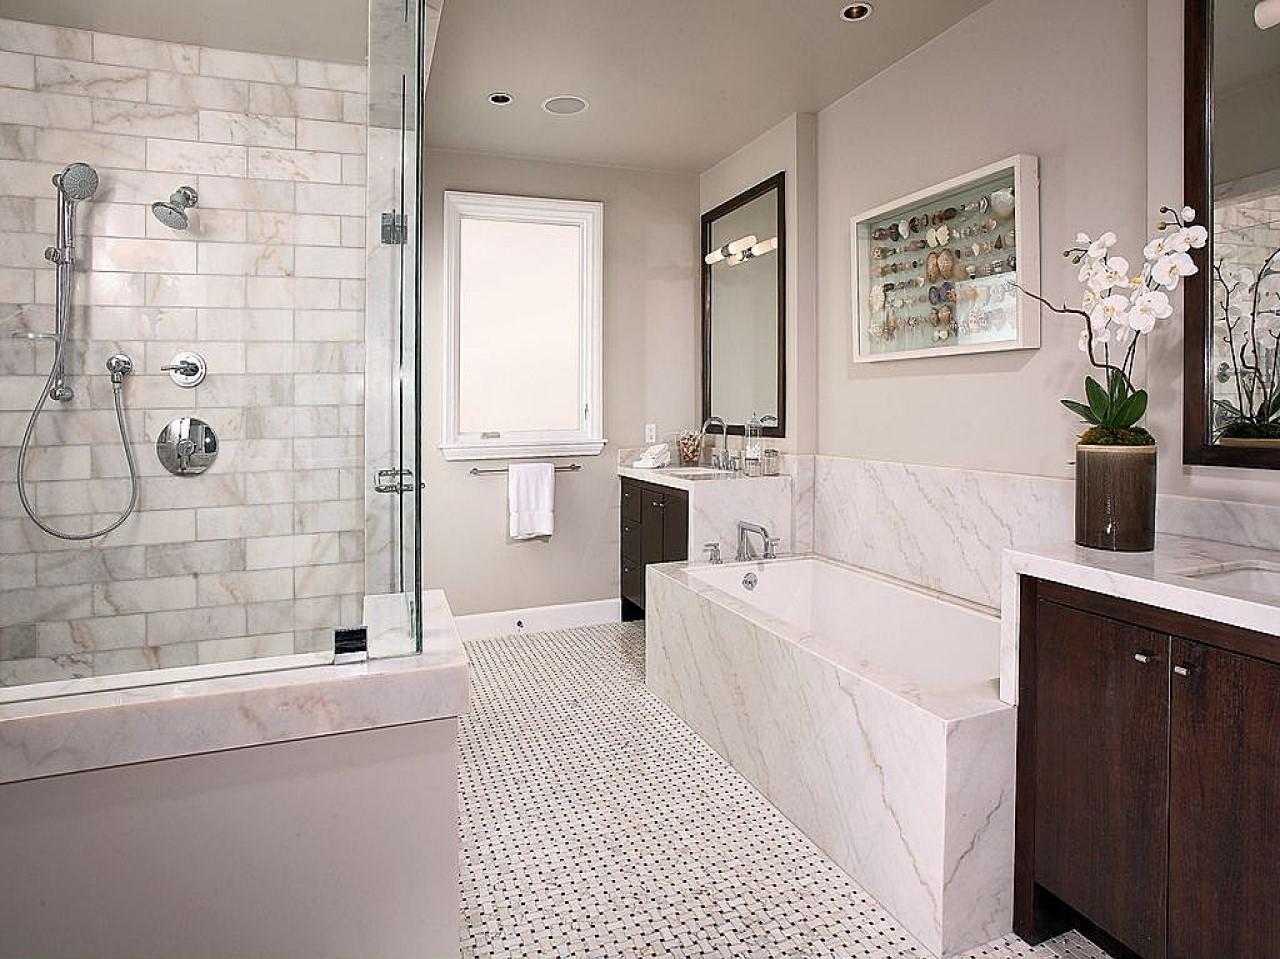 Salle de bains avec baignoire et douchette.